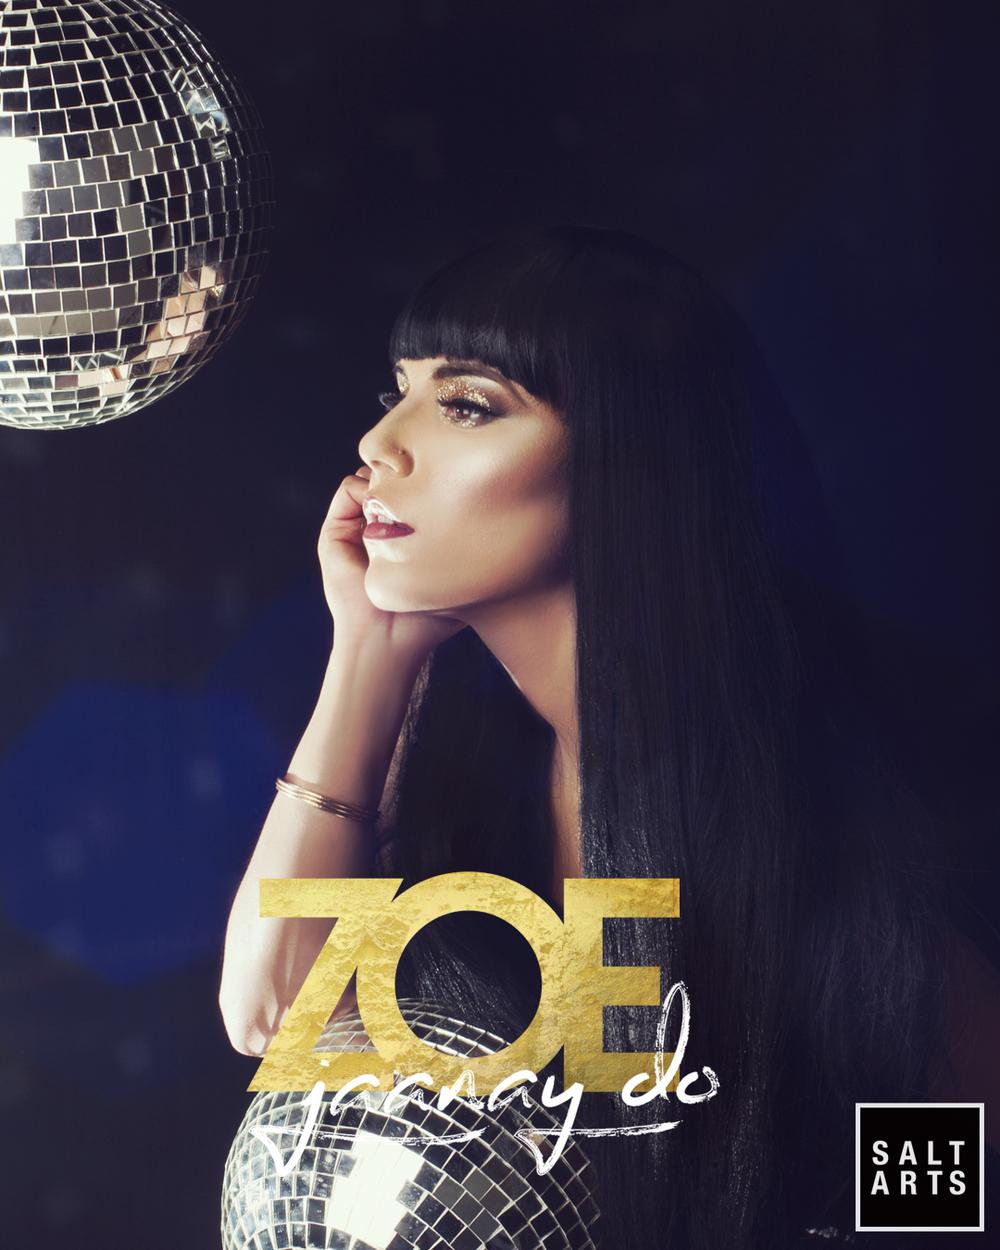 03+Zoe+Viccaji+Jaanay+Do+Disco+ball.jpg